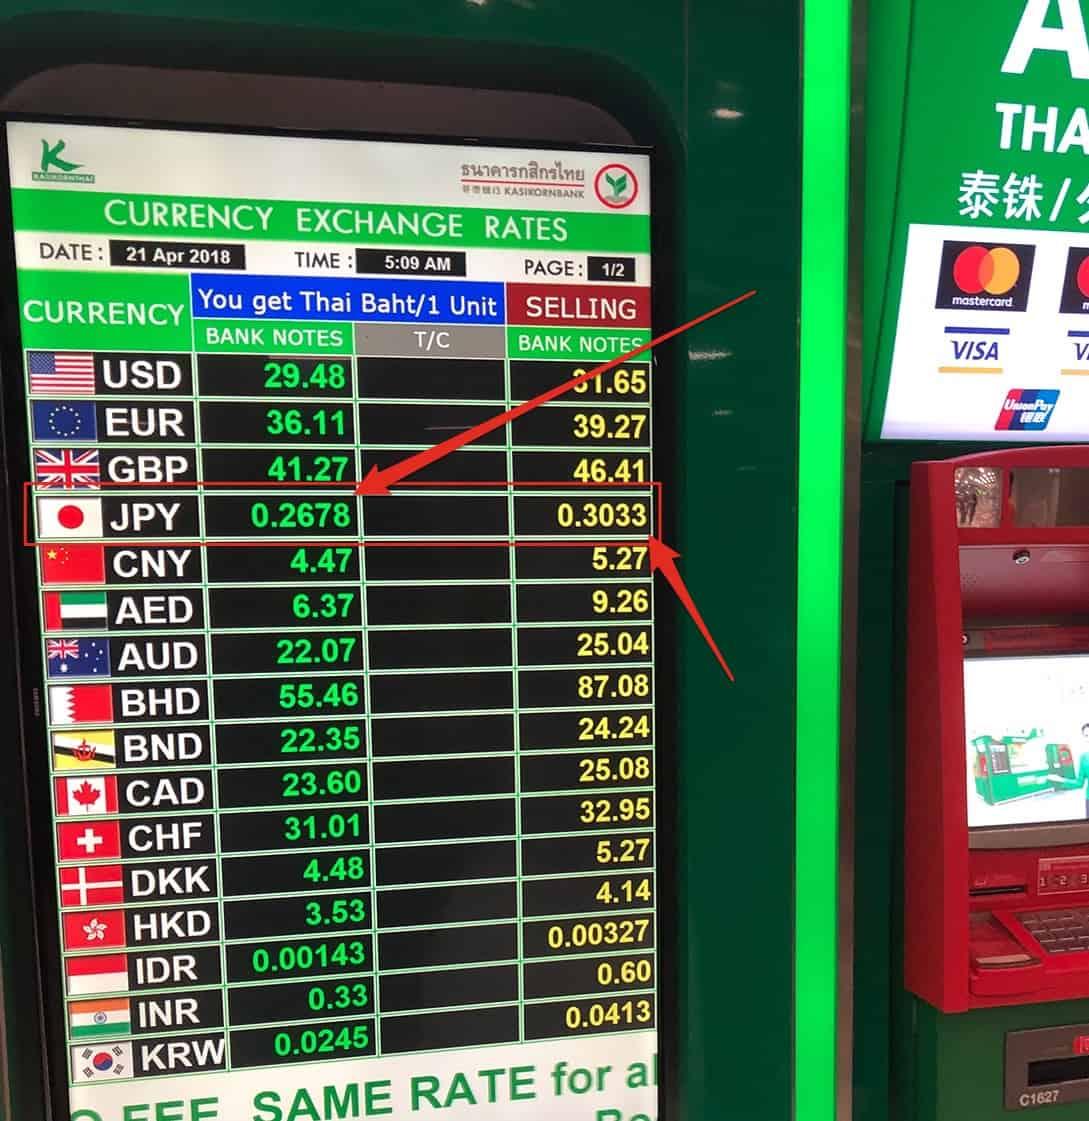 空港の為替レート表記